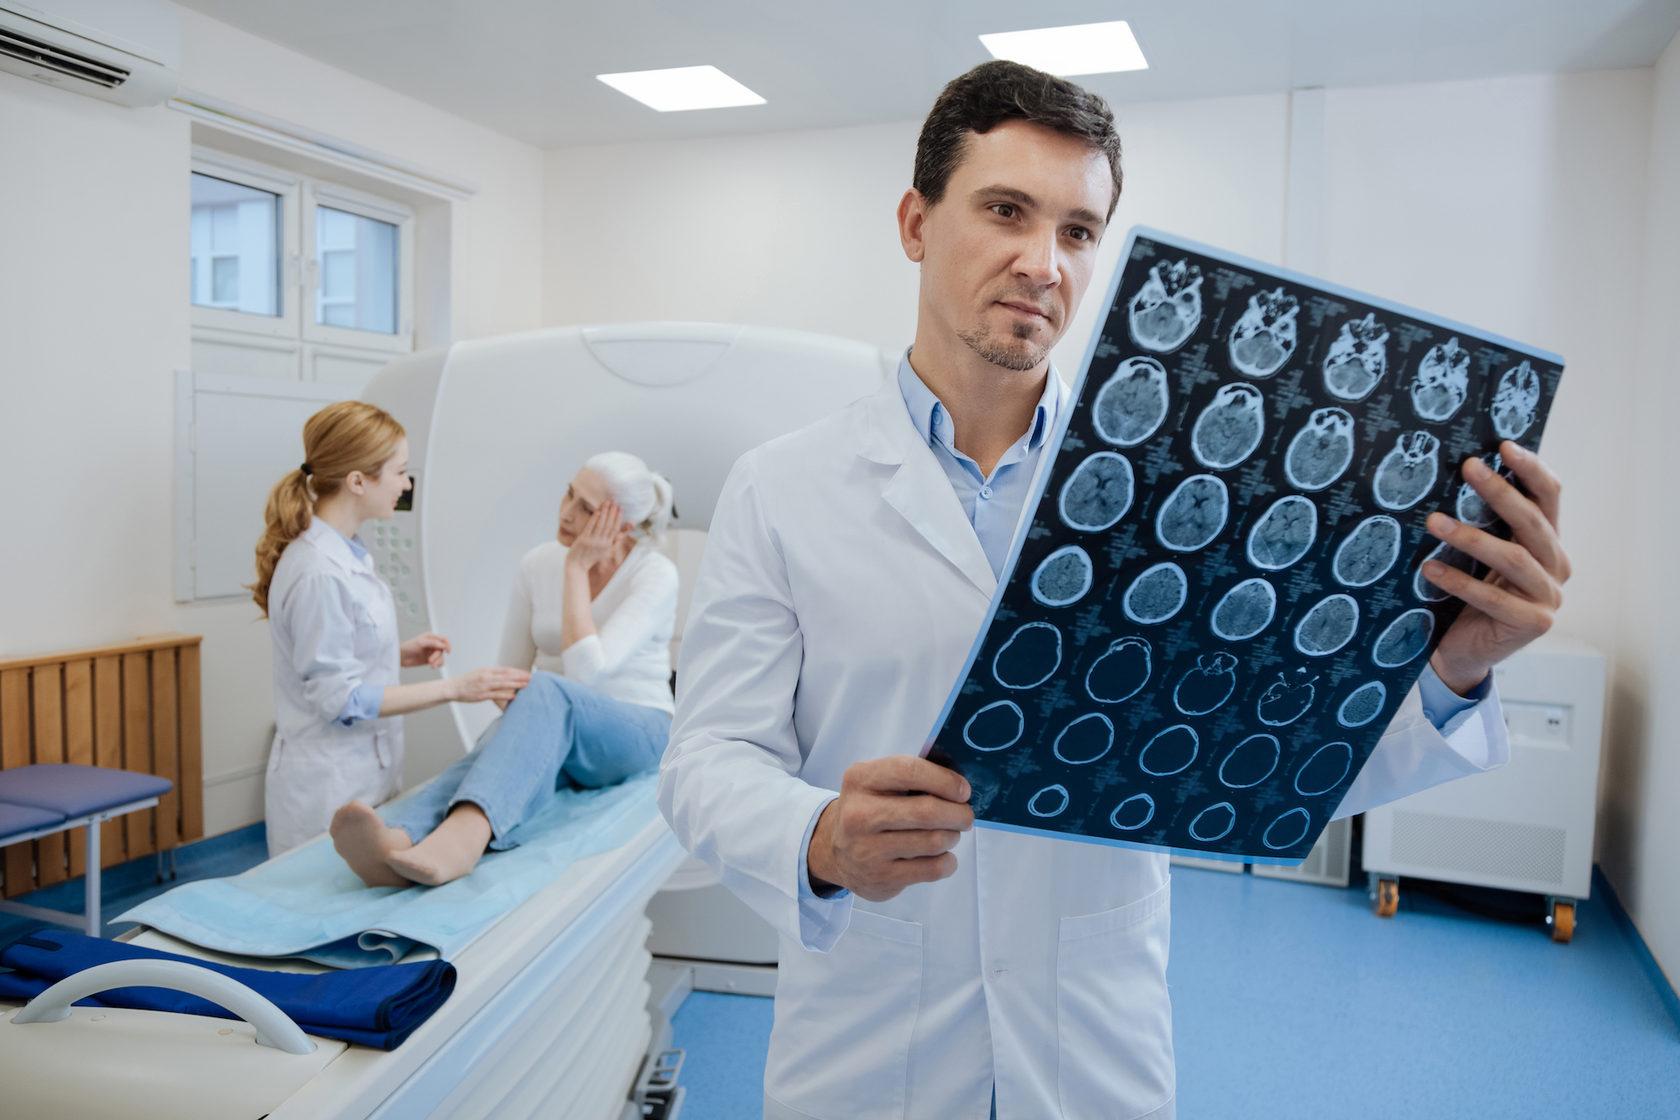 діагностика пухлин головного мозку